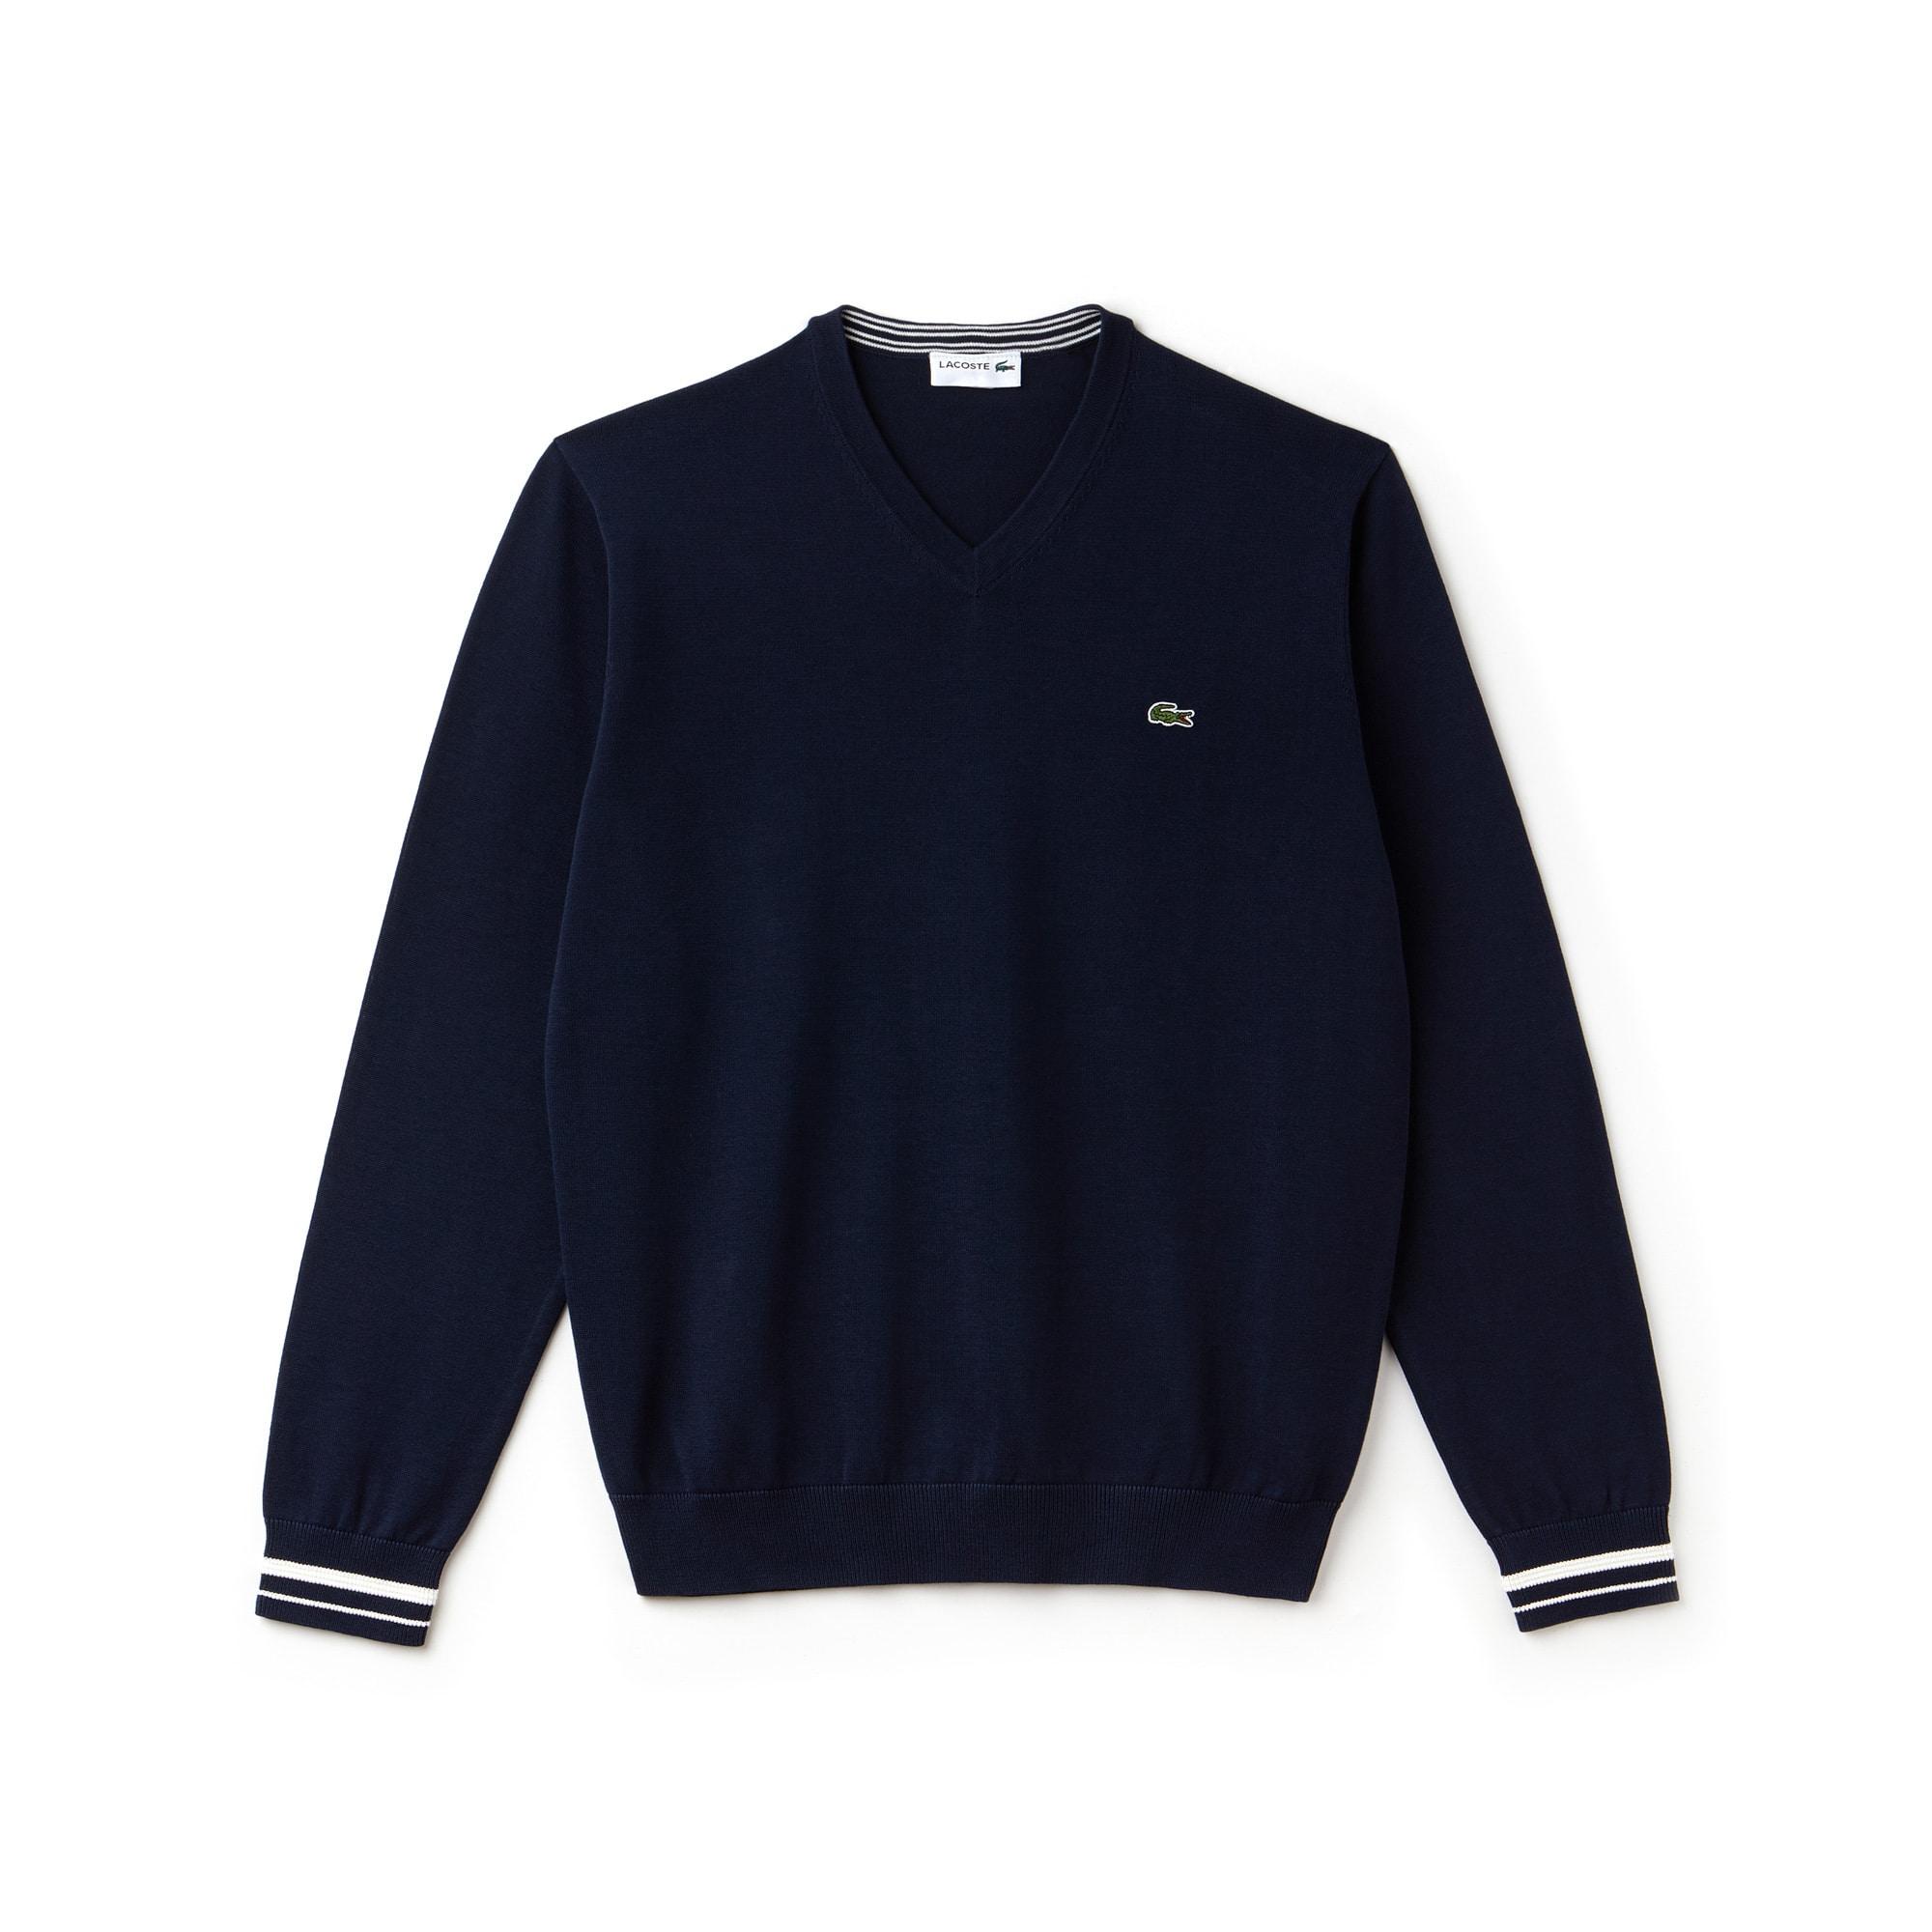 Pullover con collo a V in jersey di cotone tinta unita con dettagli a contrasto